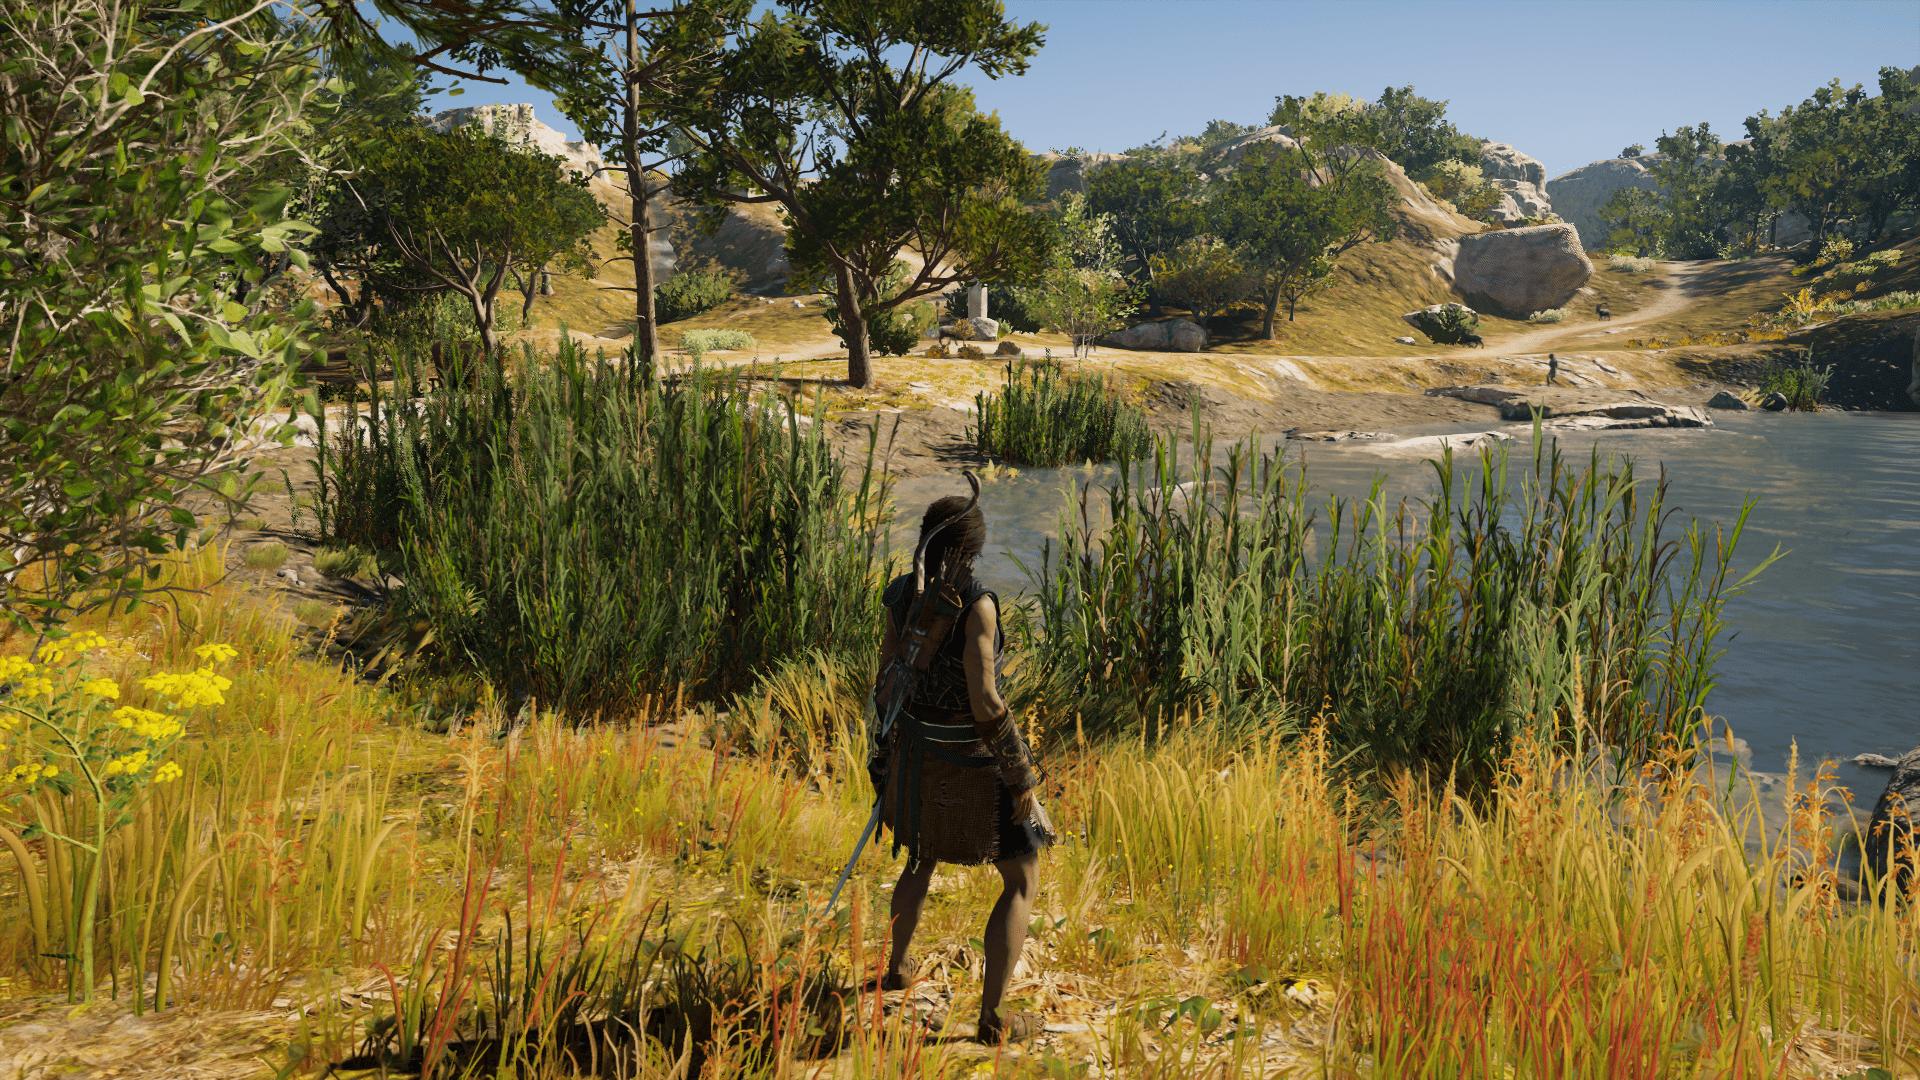 1Massimo 1 - Assassin's Creed Odyssey - Recensione come gira su PC